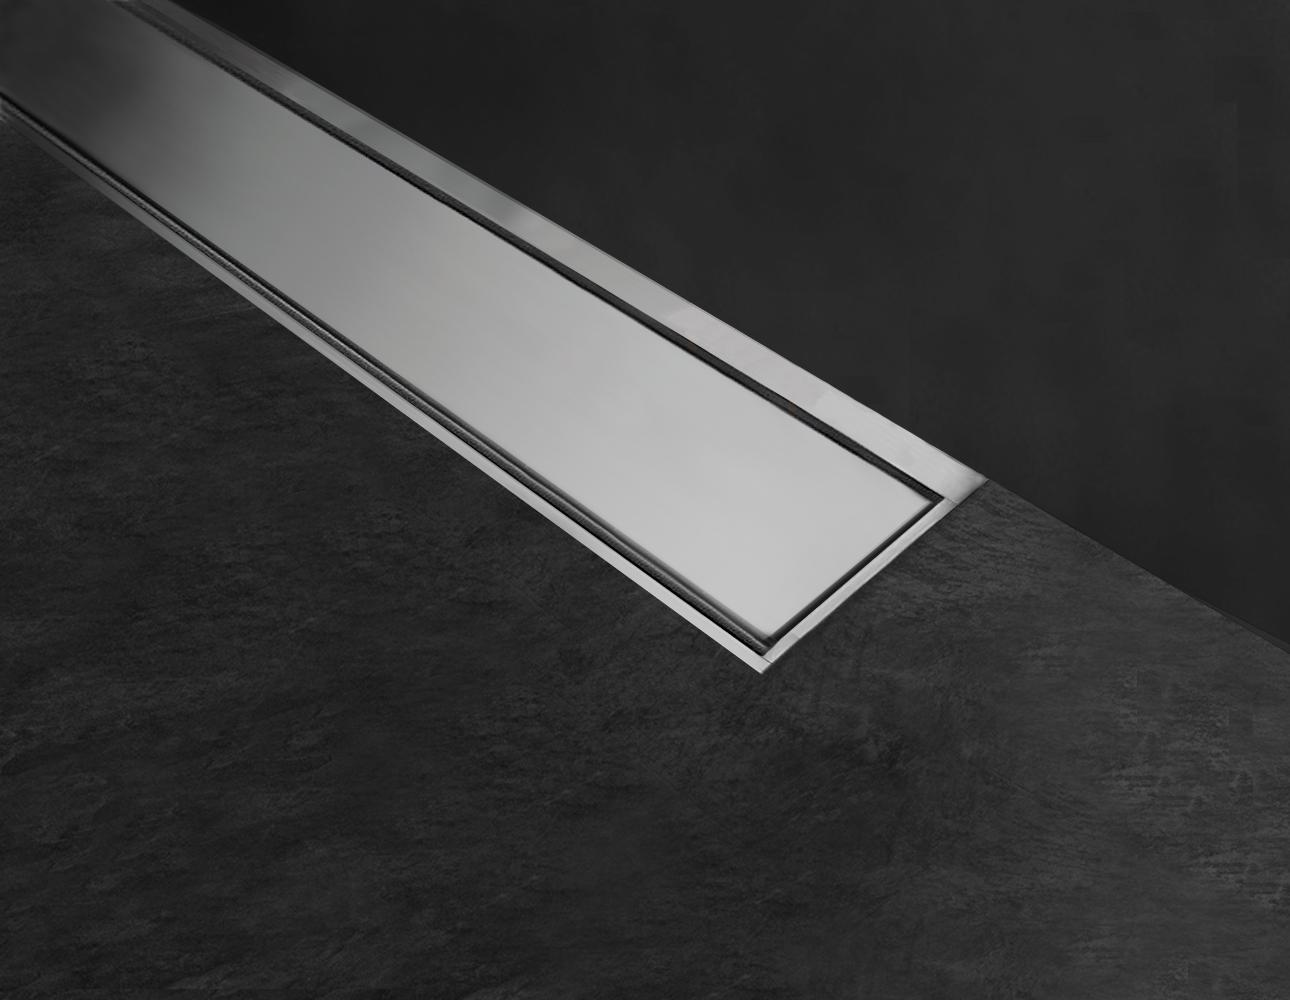 Drenaggio Cornici per pilette lineari doccia a filo pavimento Profilitec